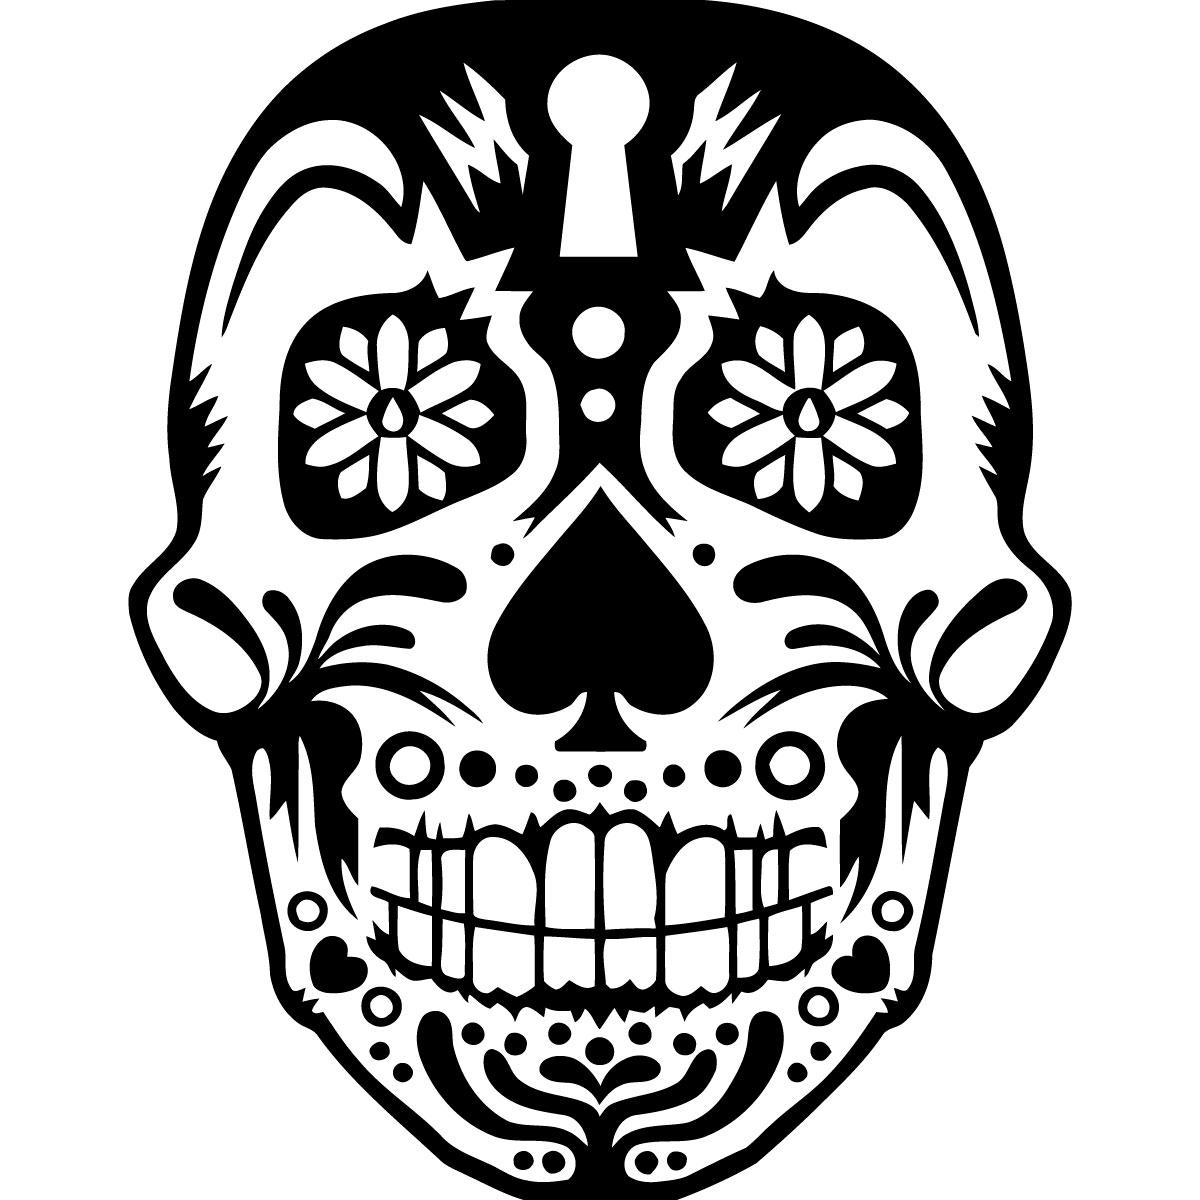 Carrelage Mural Salon : Sticker tête de mort décoré stickers fêtes